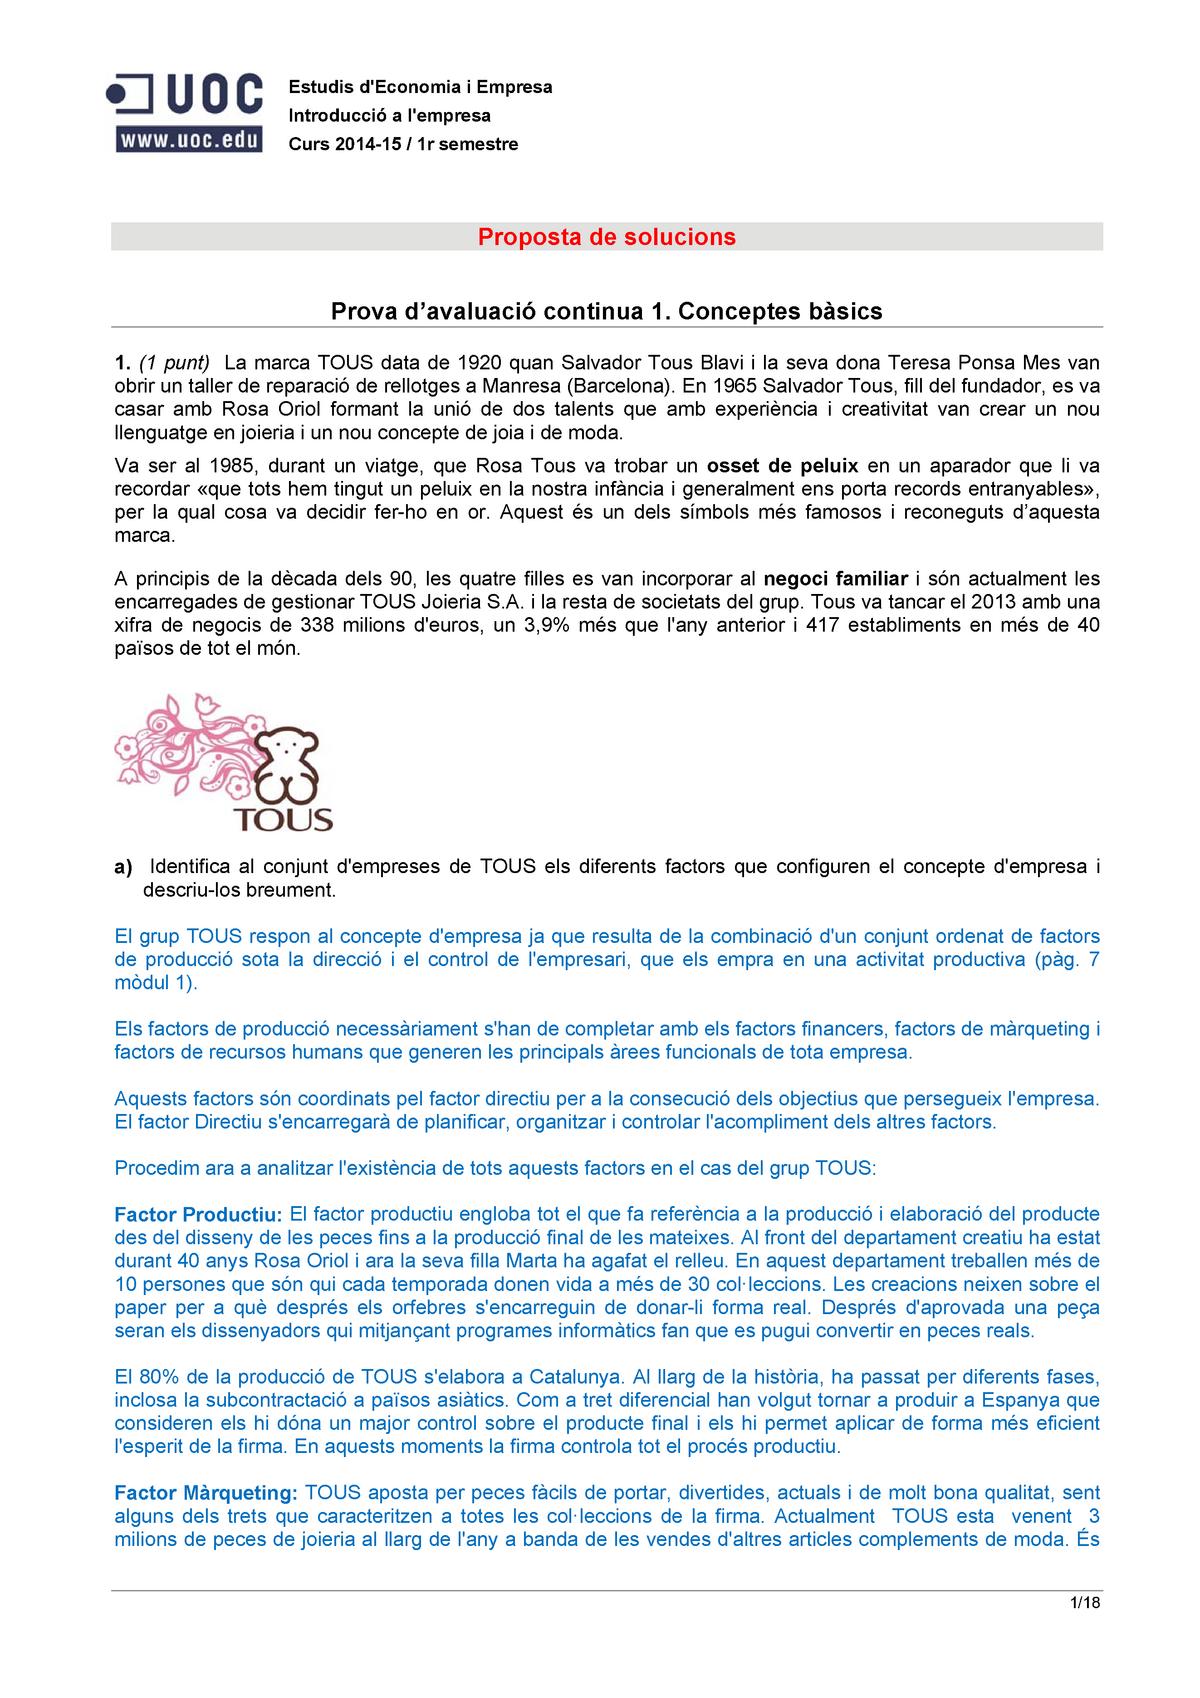 a9d4557c7c15 01500 SPAC1 2014 1 - solución pac - 09.560  Introducción a la empresa -  StuDocu